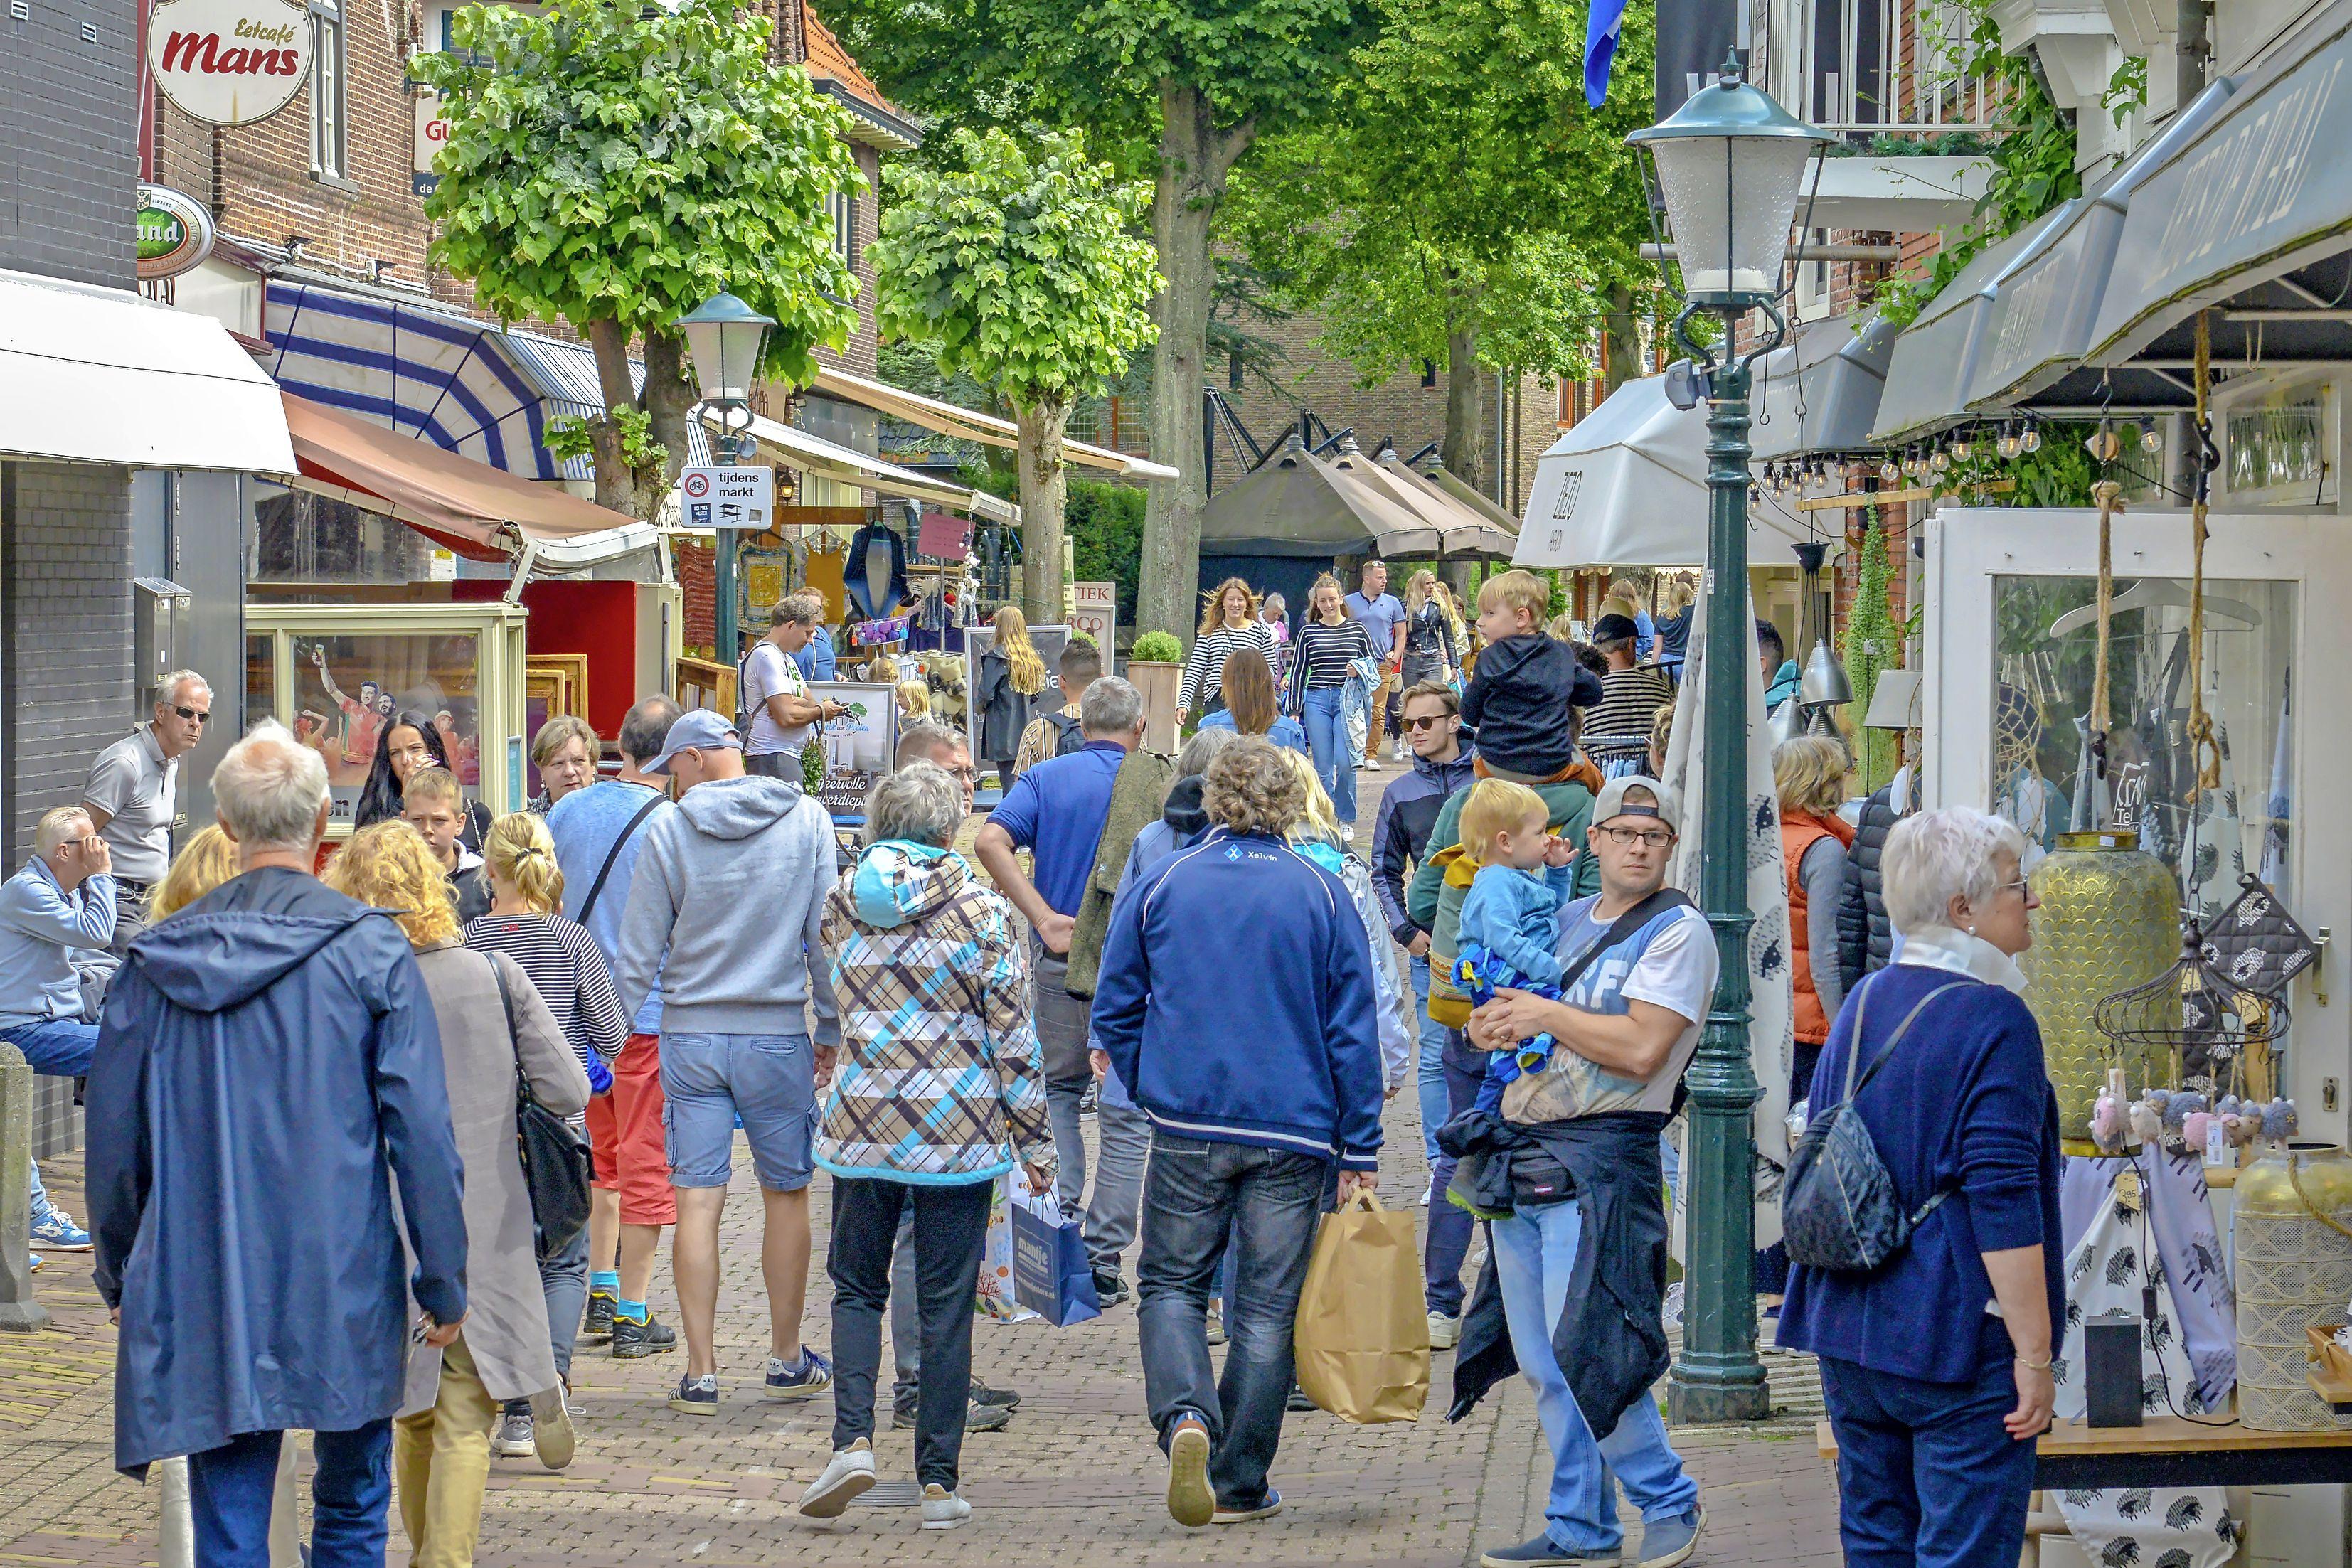 Texel profiteert van vakantieplannen Nederlanders en Duitsers. 35 procent van de Nederlanders en zestig procent van de Duitsers moet nog boeken voor deze zomer